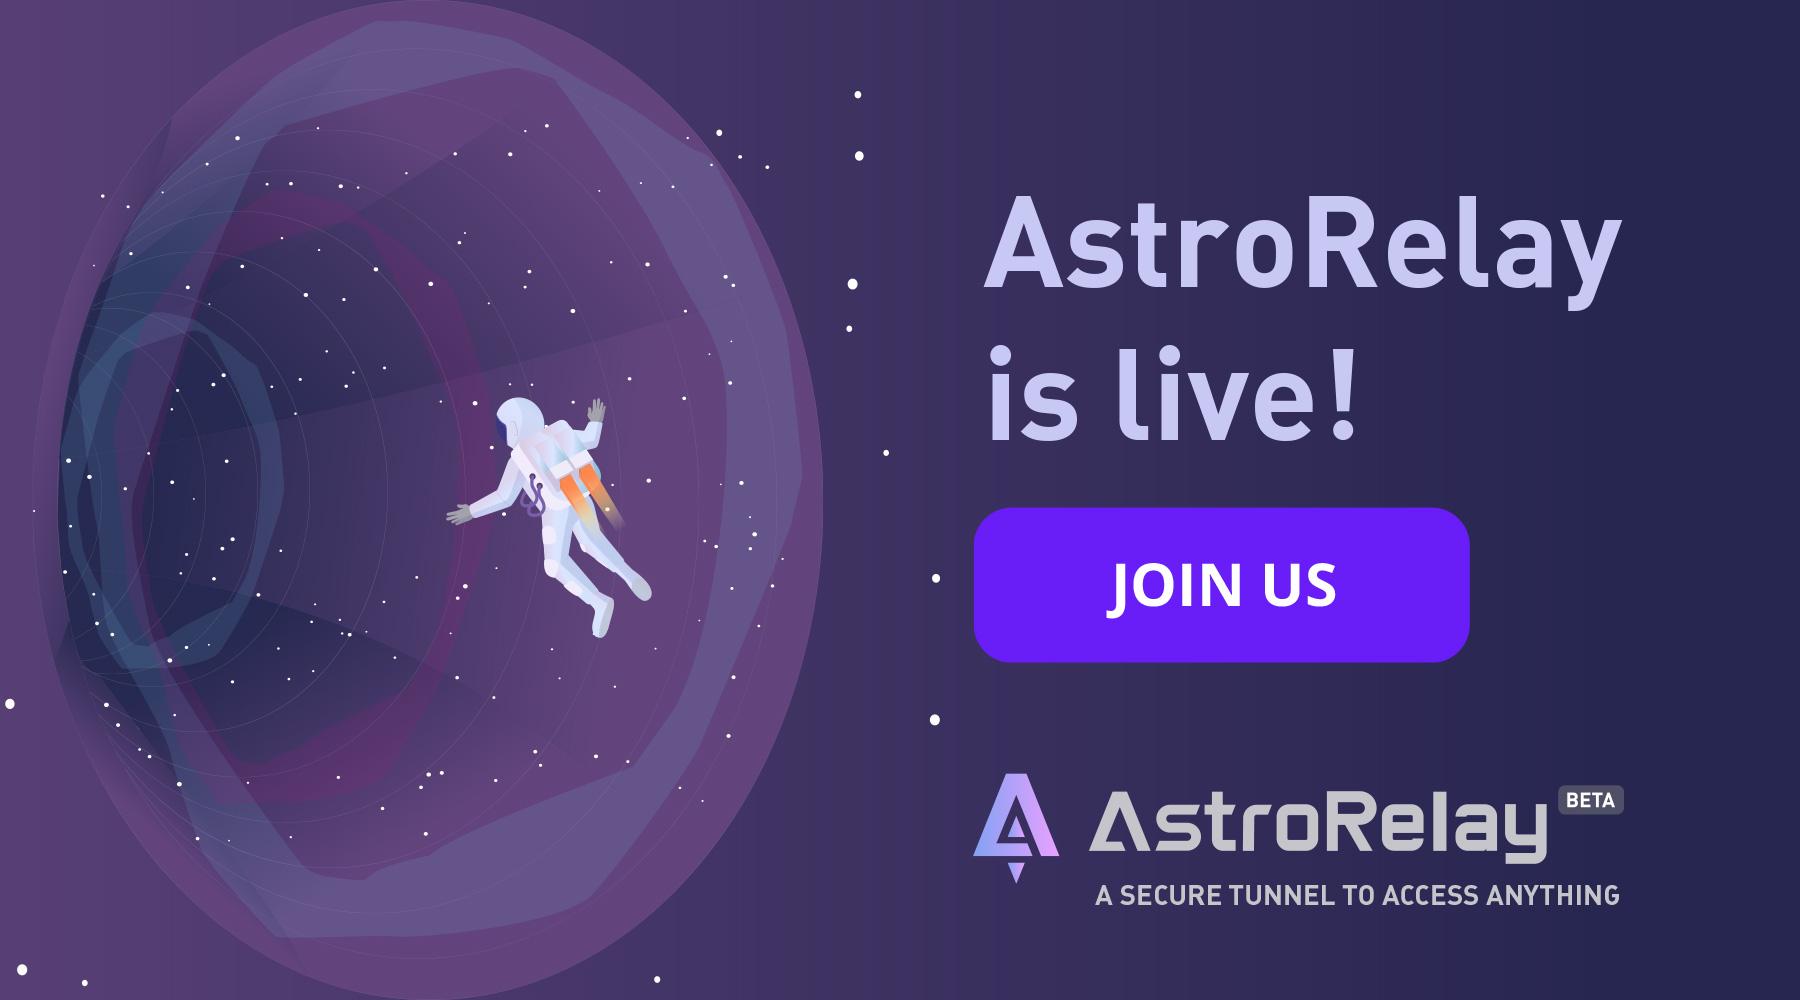 AstroRelay Is Live!